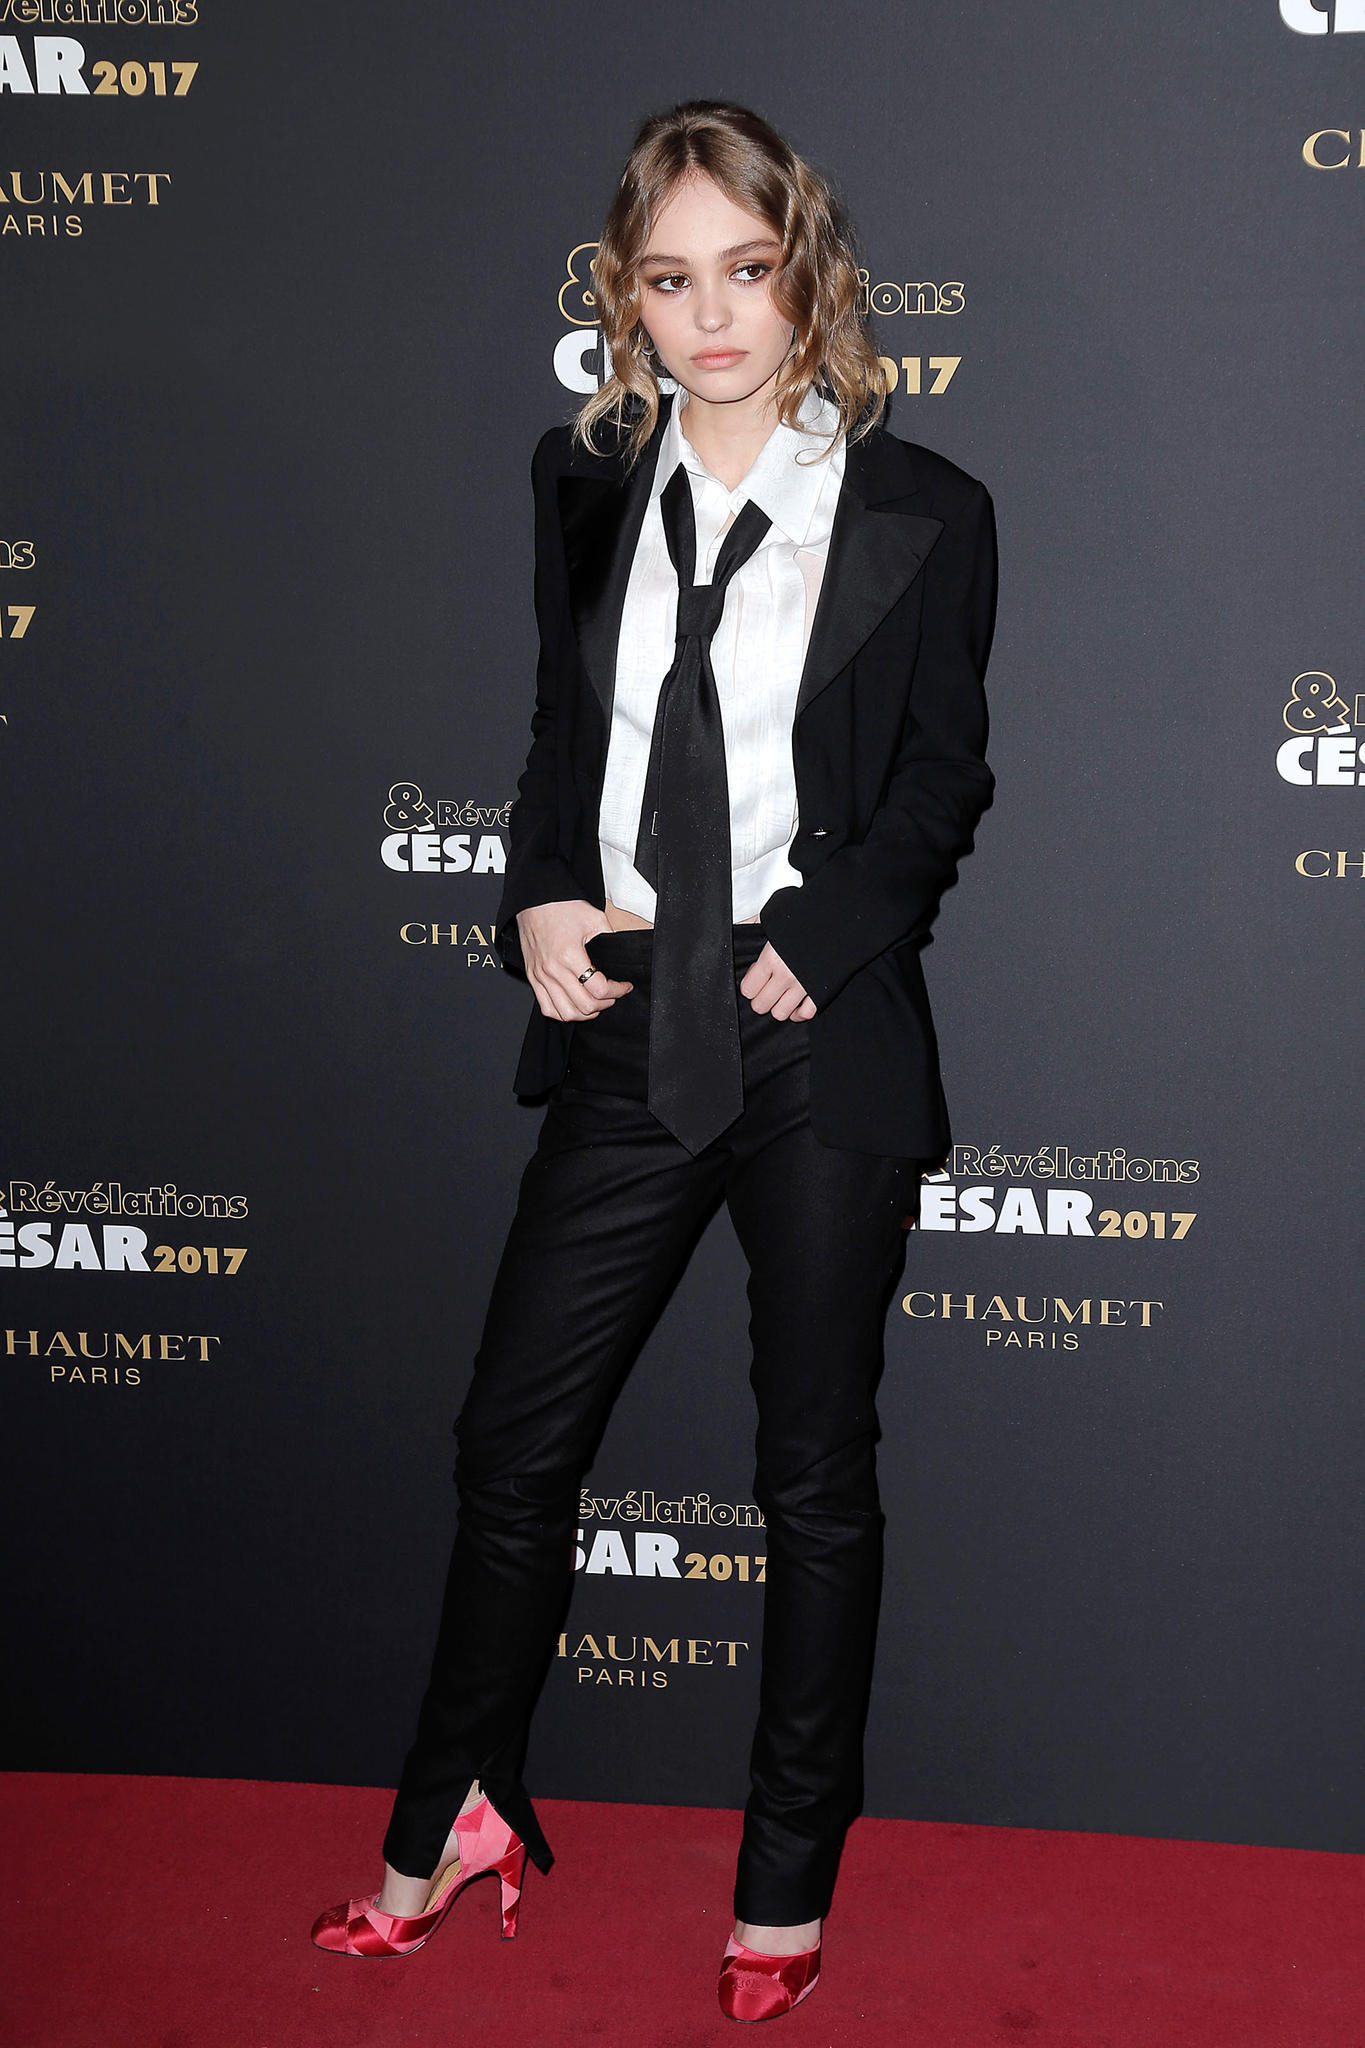 Lily-Rose Depp trägt zum schwarzen Anzug und der casual gebundenen Krawatte sehr feminine Schuhe